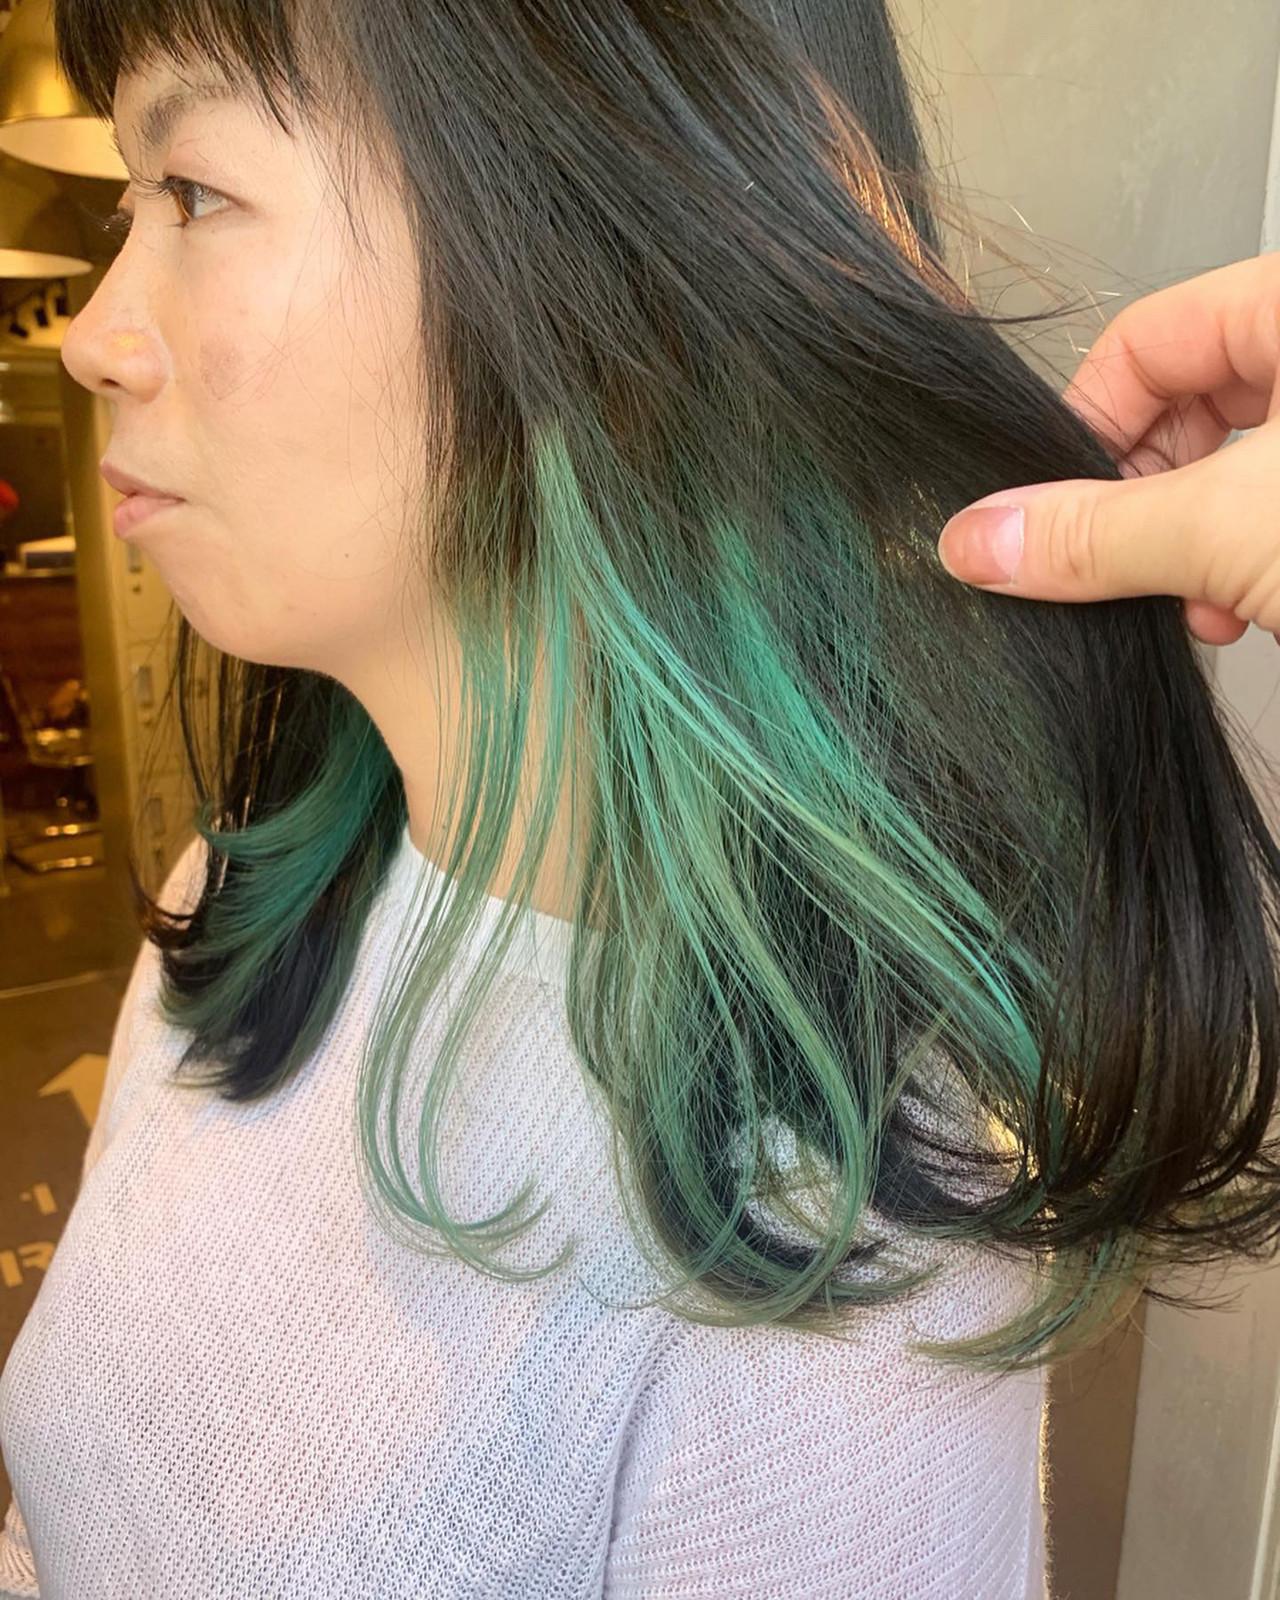 インナーブルー インナーグリーン アンニュイほつれヘア インナーカラー ヘアスタイルや髪型の写真・画像 | MORNING.miya/@1031miya / HAIR MORNING.